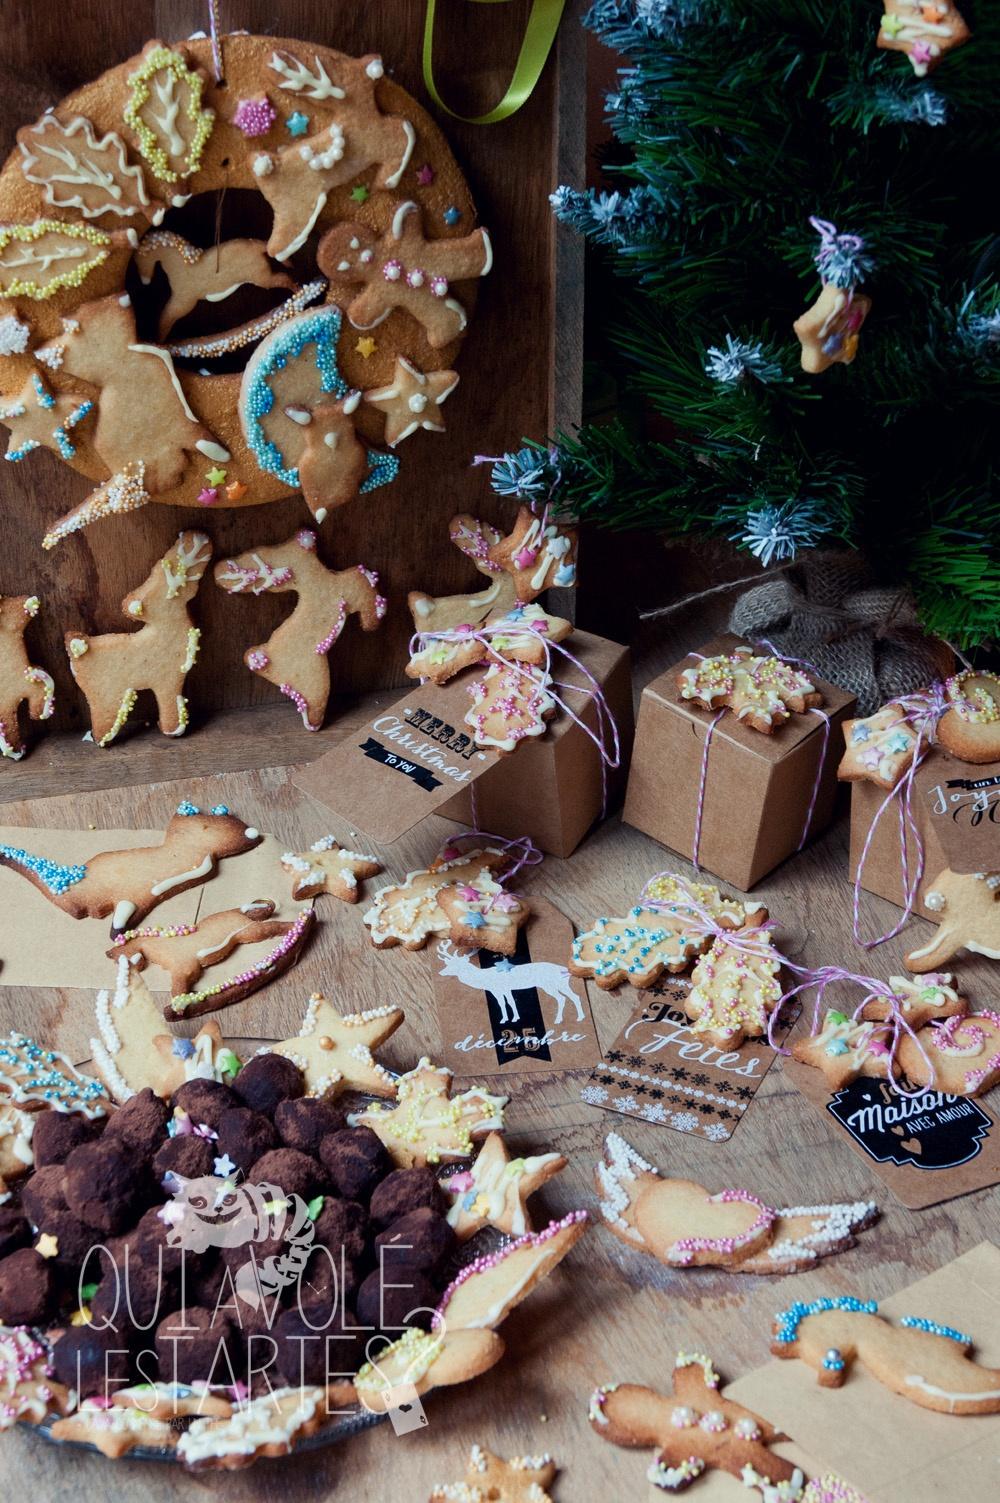 Cadeaux gourmands & couronne de Noel 9 - Studio 2 création - Qui a volé les tartes